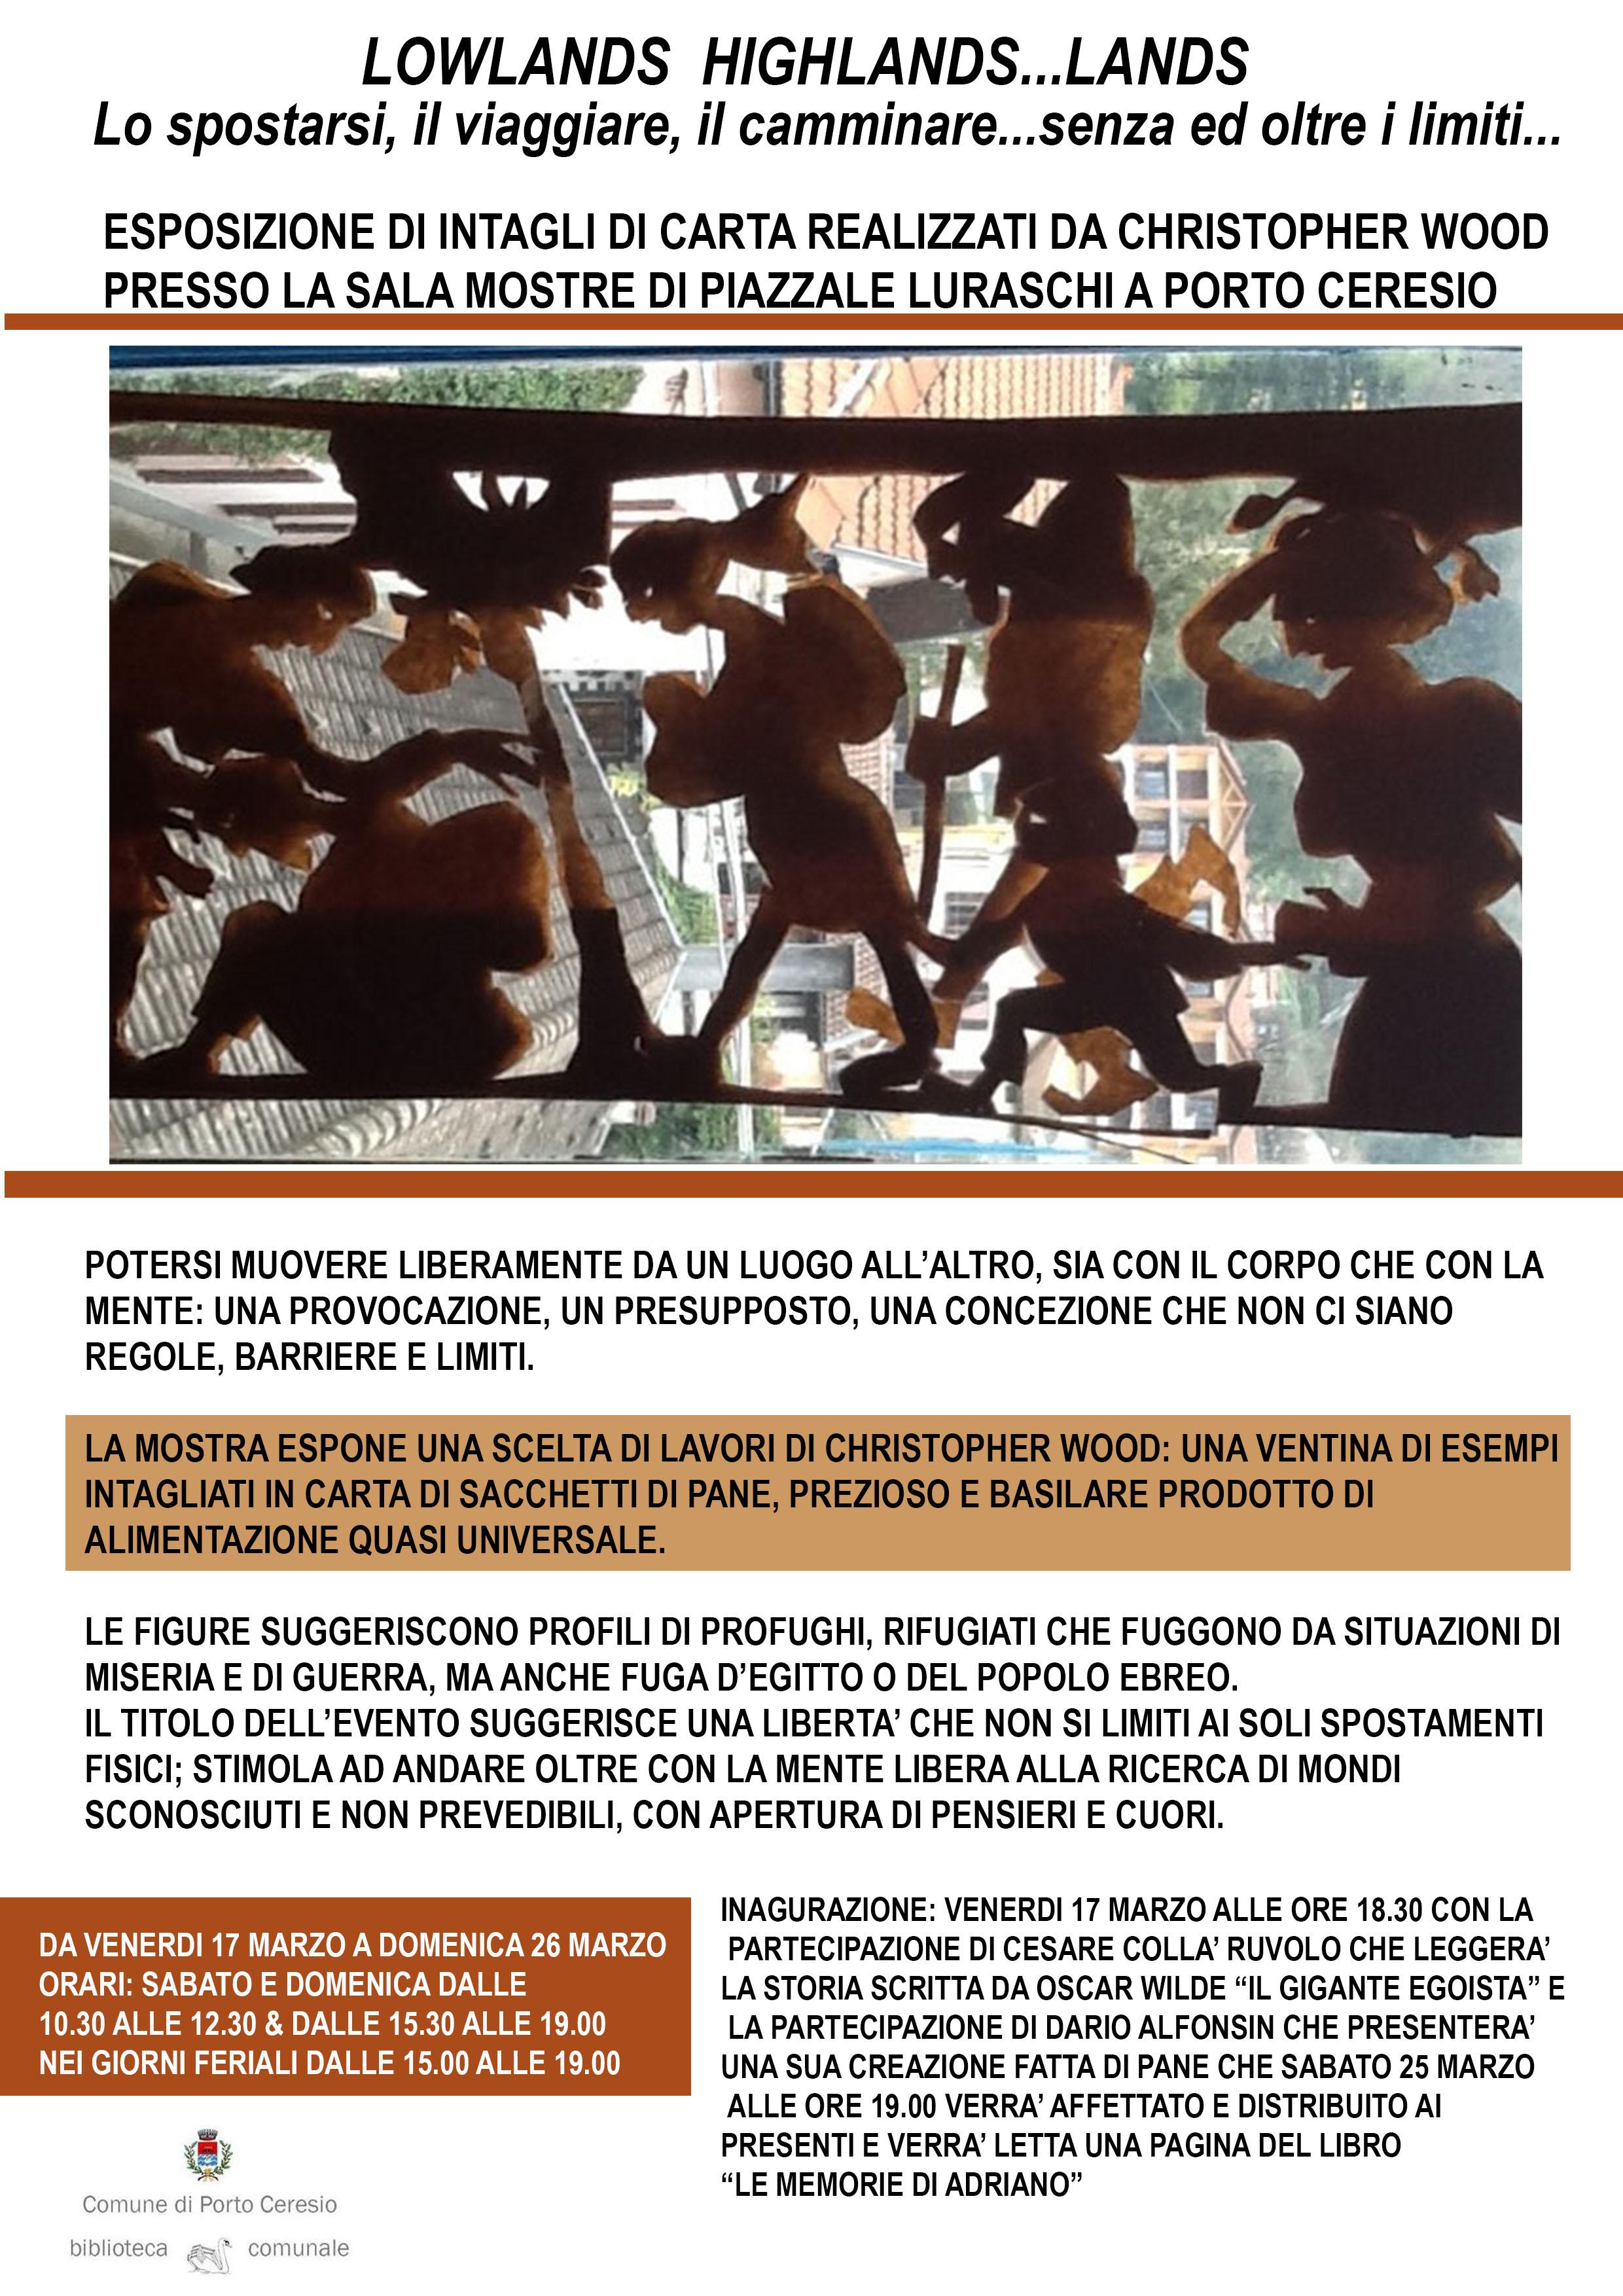 Porto Ceresio, intagli di carta e arte: oggi l'inaugurazione di una mostra che libera i confini di corpo e mente